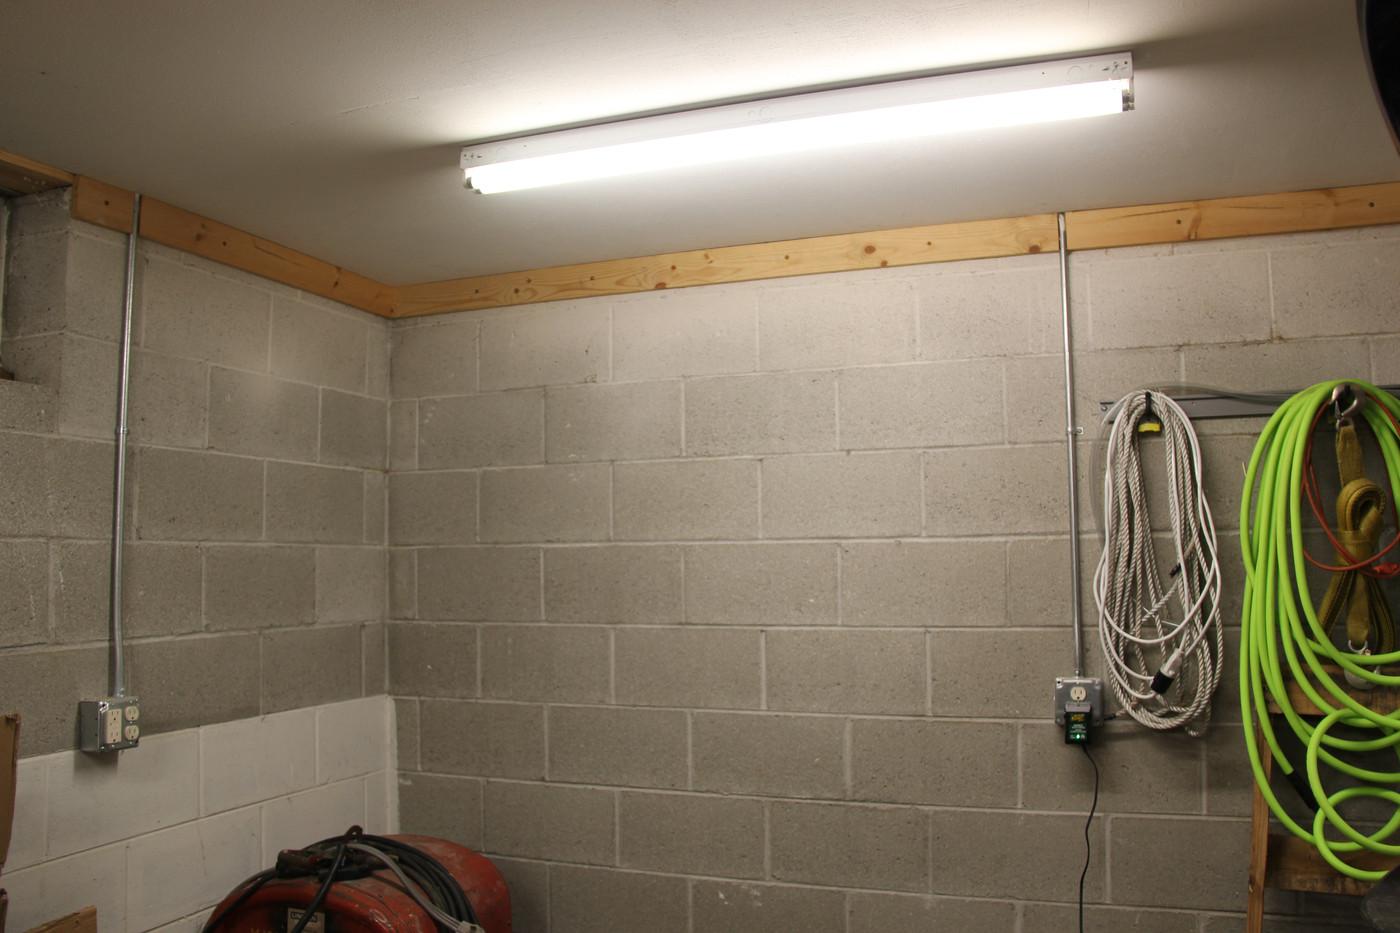 Workshop Lights & Outlets